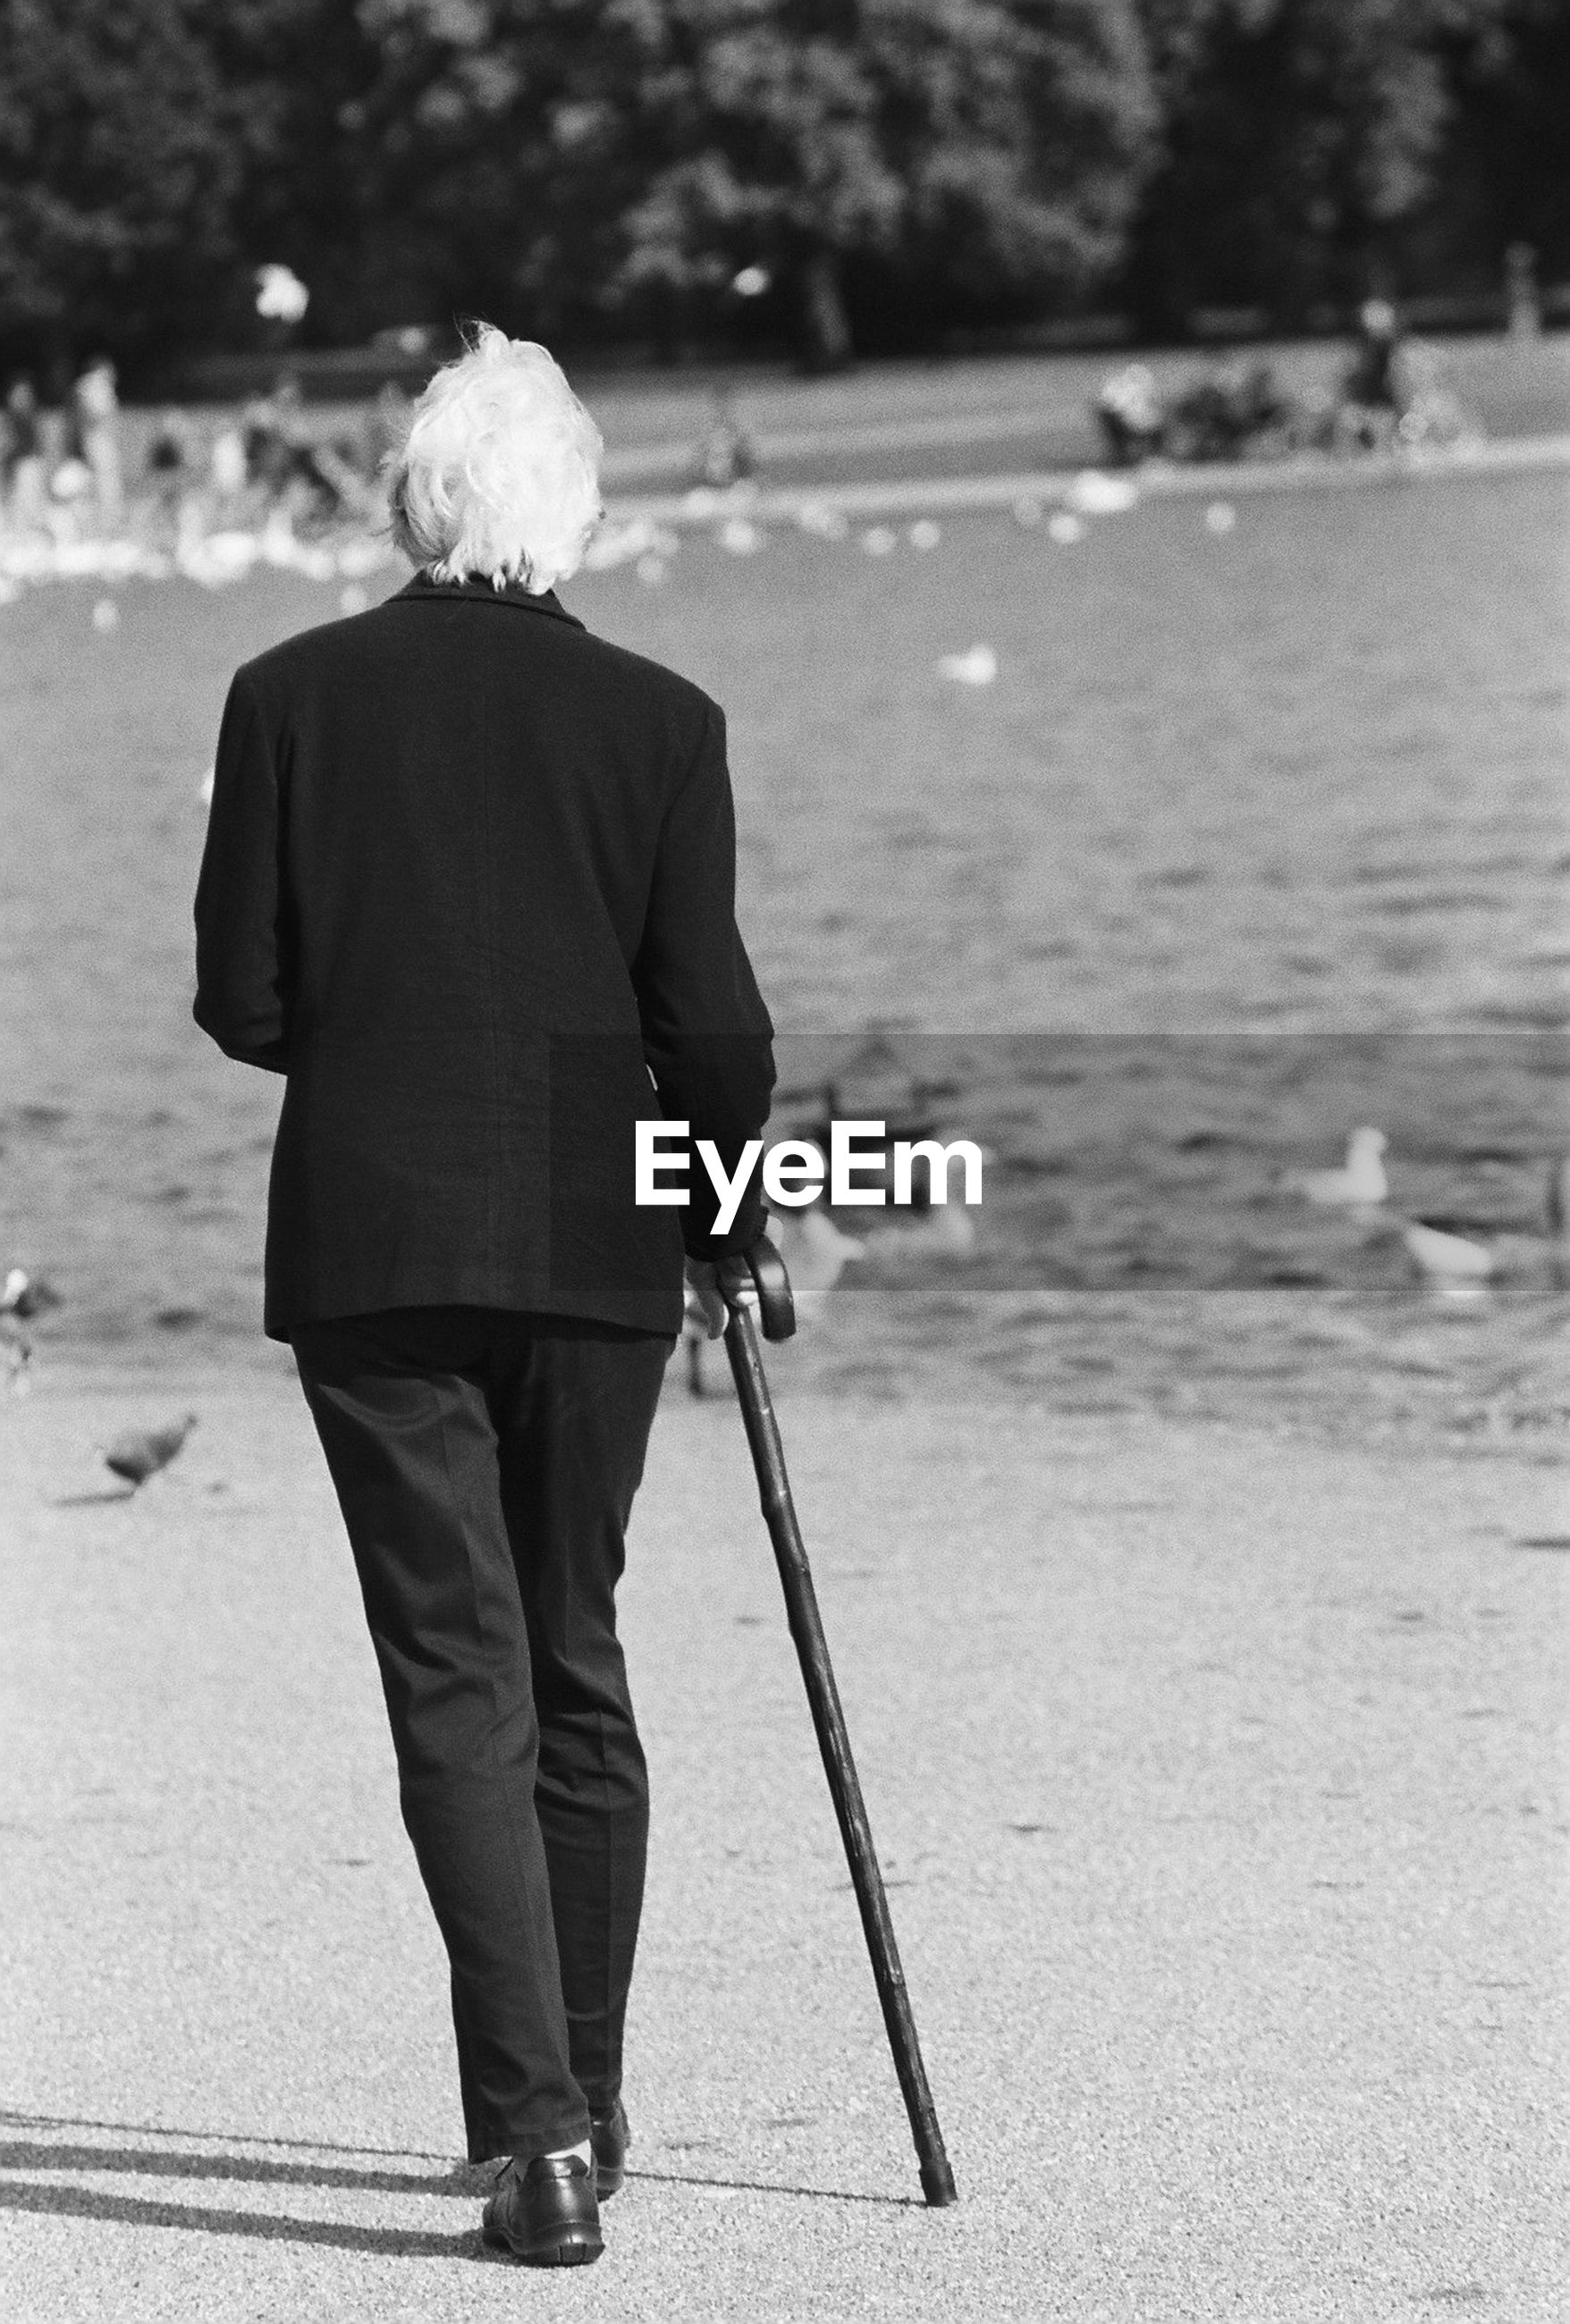 Rear view of senior man walking on lakeshore